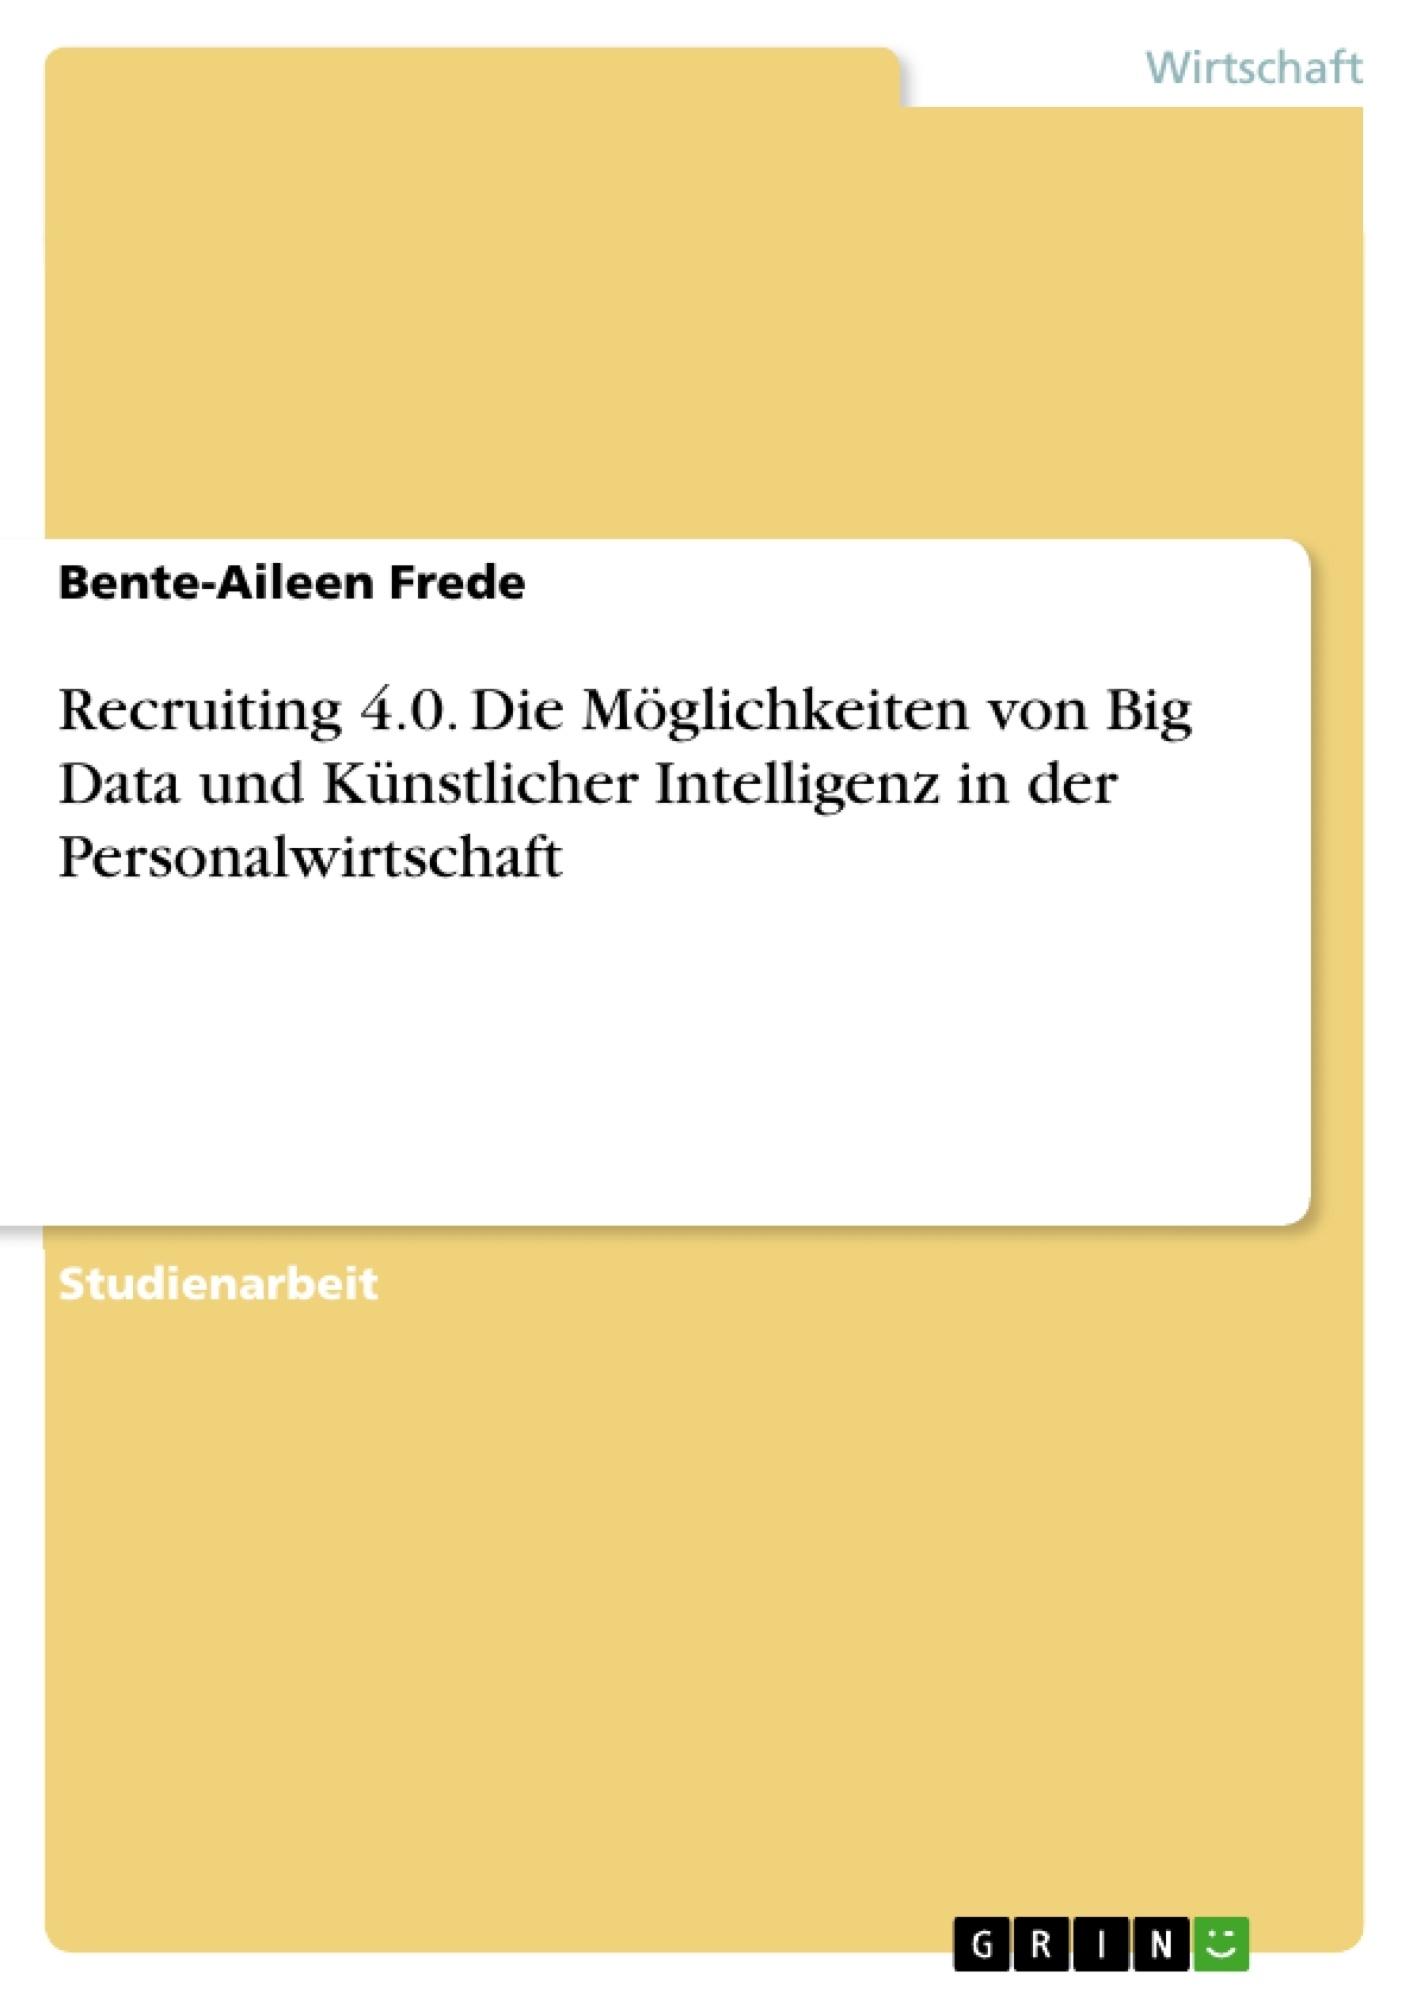 Titel: Recruiting 4.0. Die Möglichkeiten von Big Data und Künstlicher Intelligenz in der Personalwirtschaft